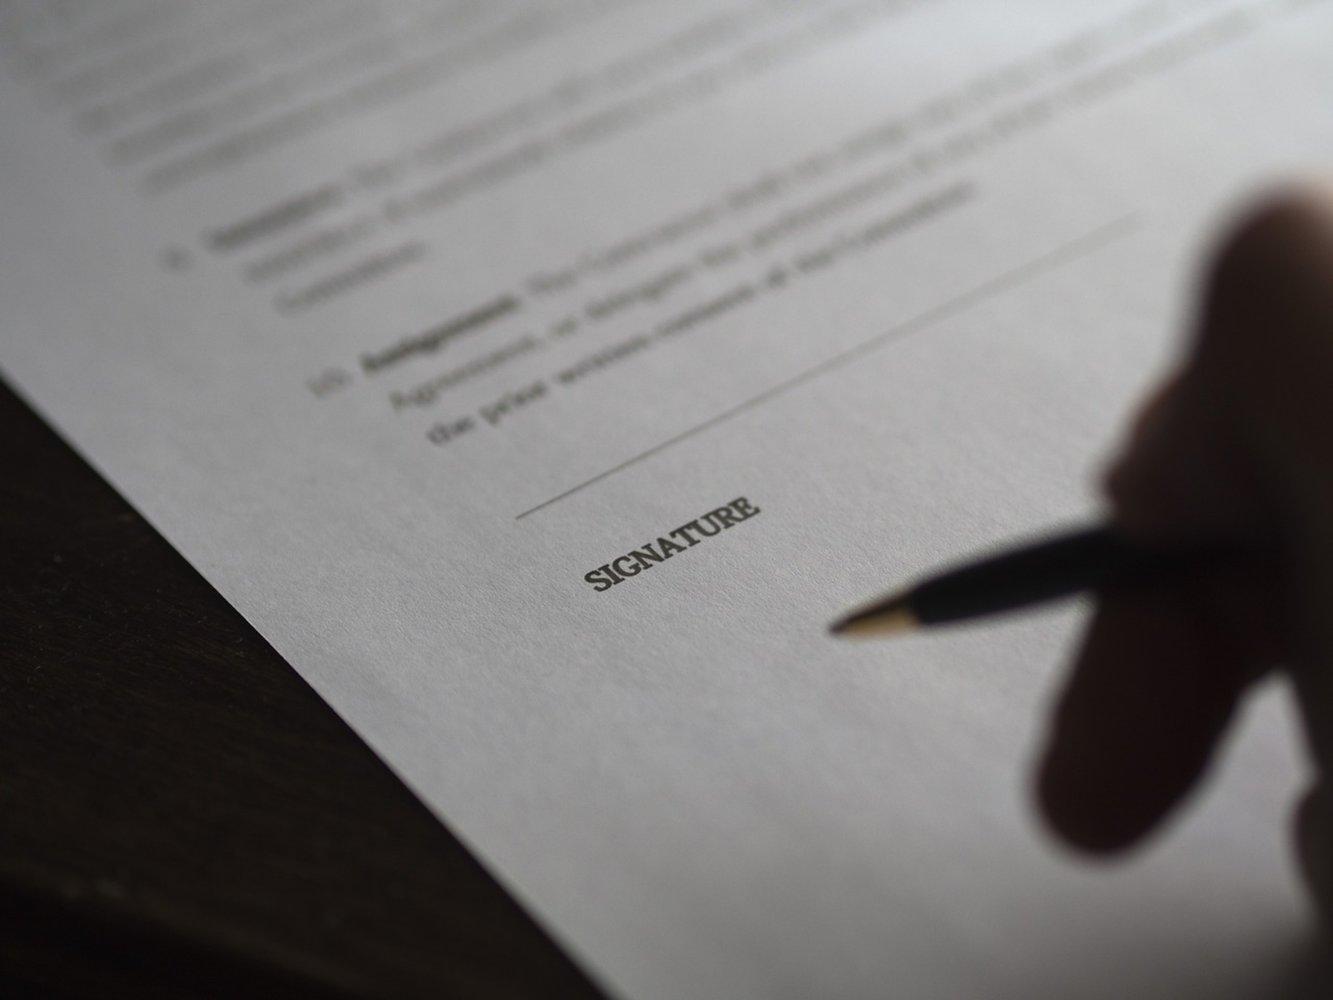 L'acquéreur doit être vigilant lors de la signature du compromis de vente